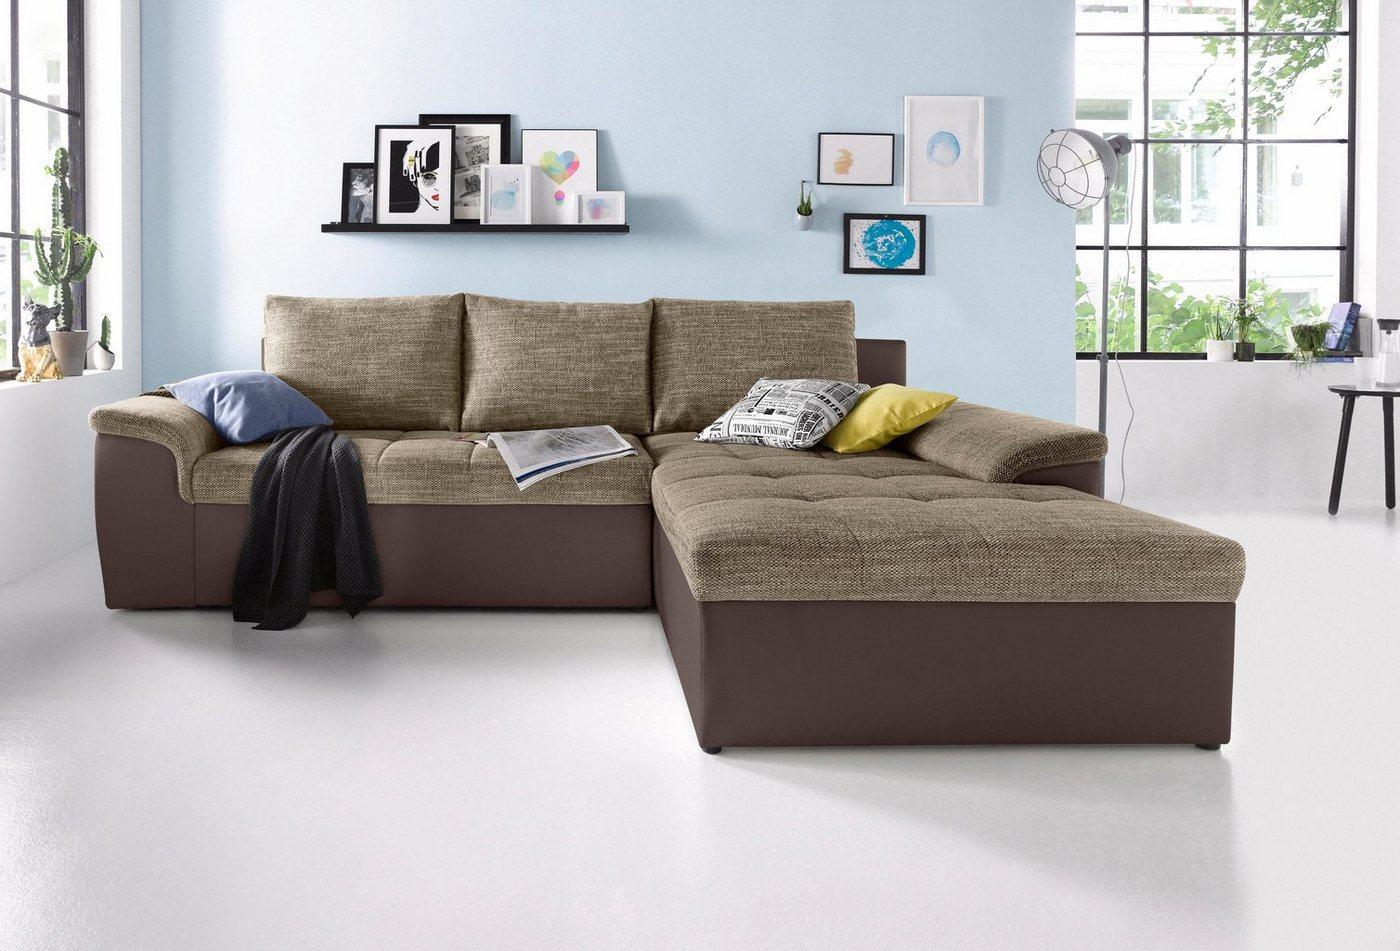 Sit & More hoekbank XL, naar keuze met slaapfunctie